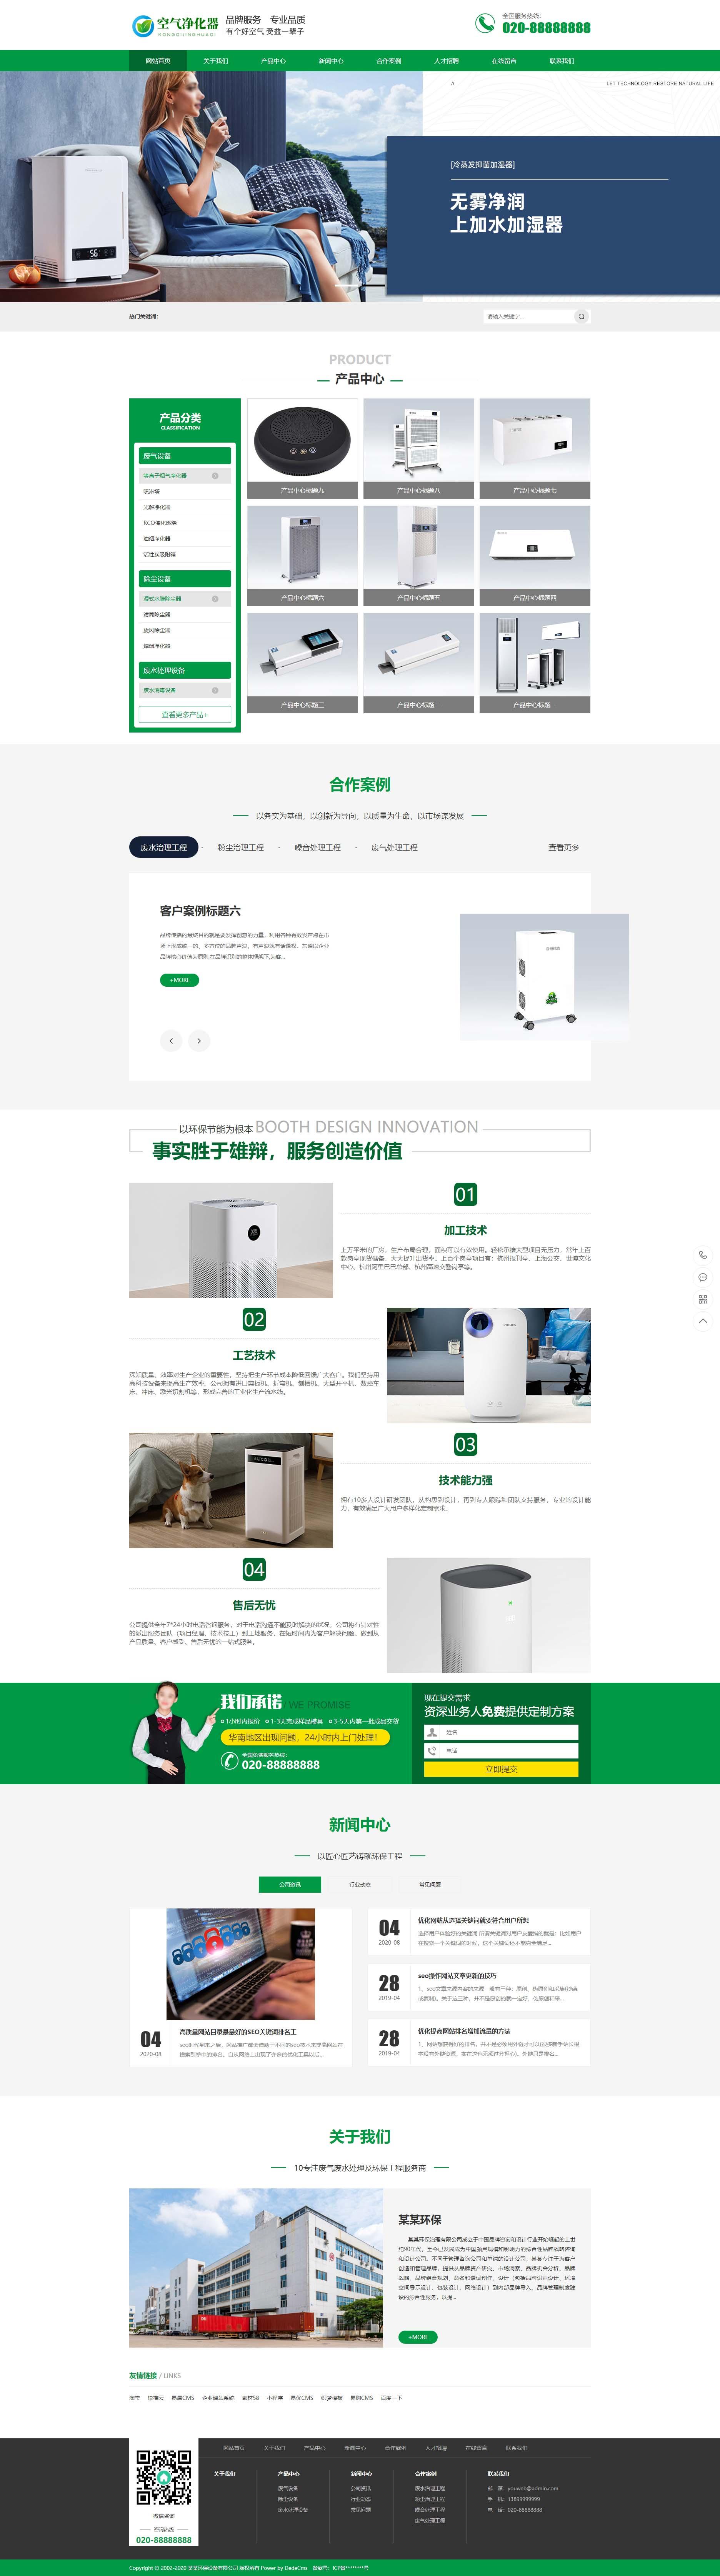 环保节能智能空气净化器类网站织梦dedecms模板(带手机端)